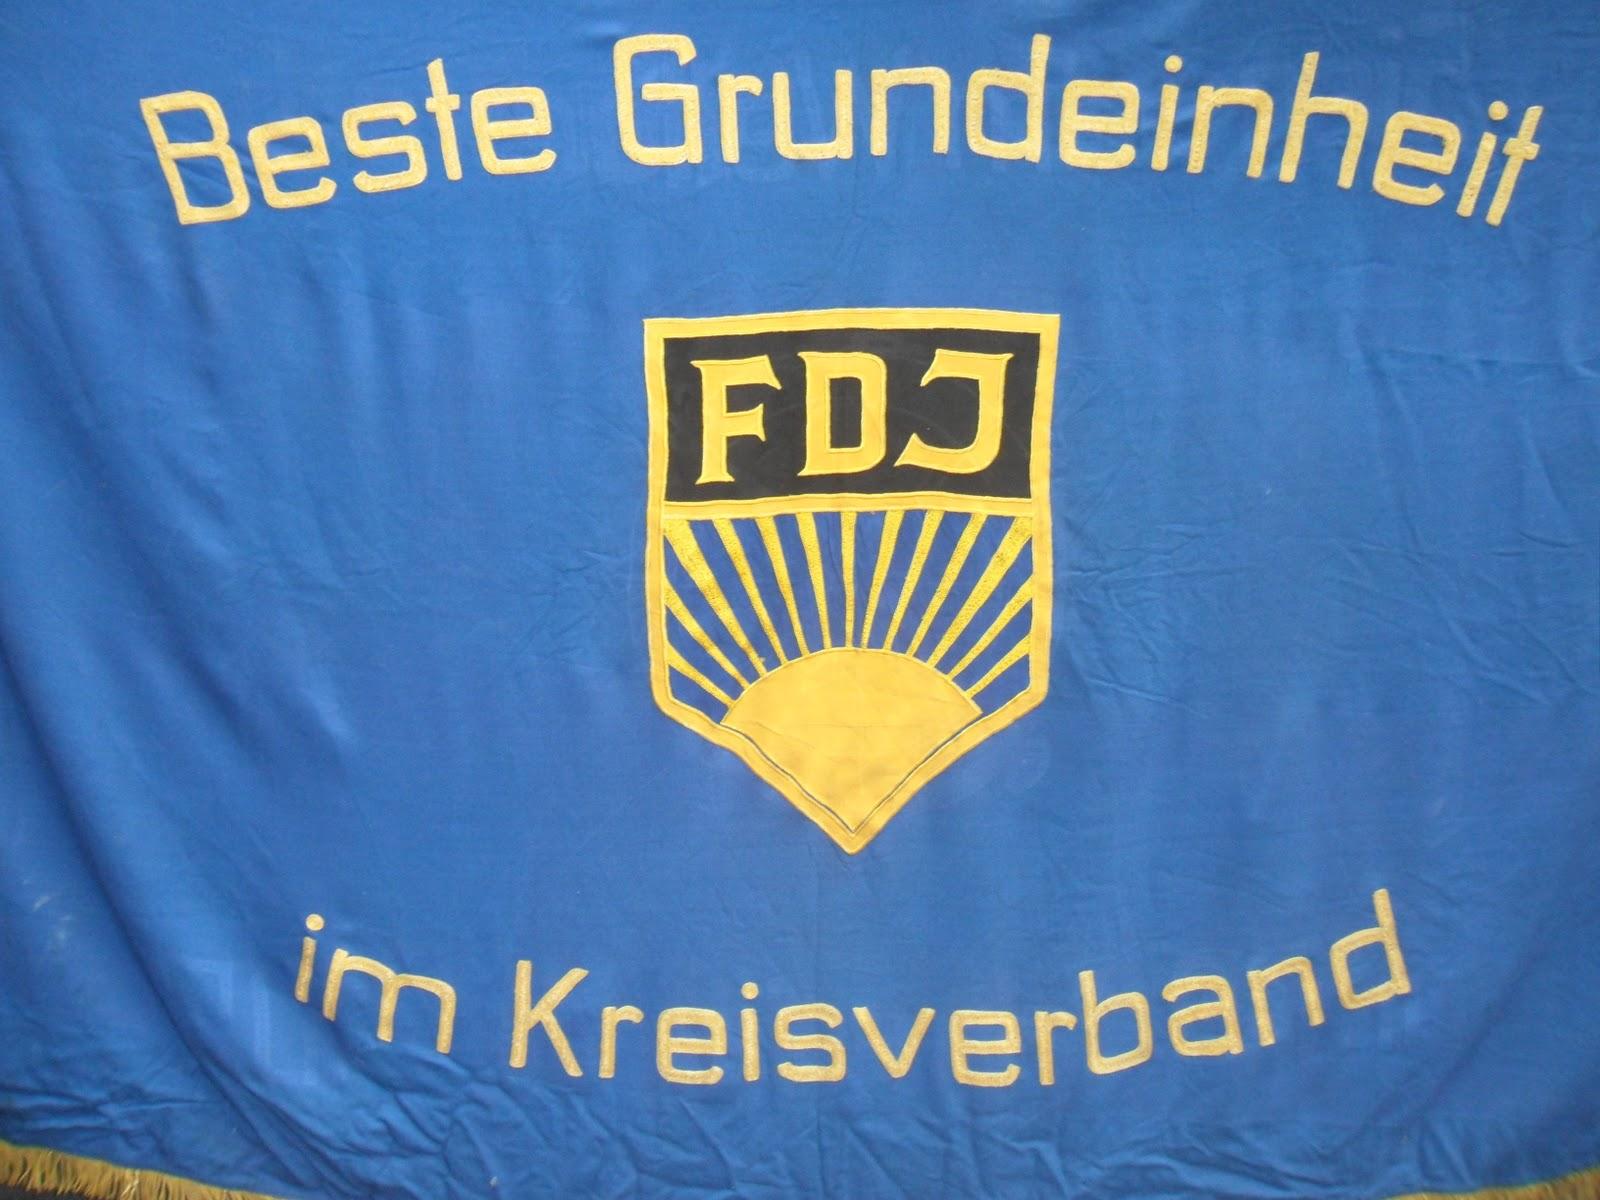 44f2627b470090 Ehrenbanner der FDJ - Vorderseite - aus dem Bestand des DDR-Kabinett-Bochum  e.V.